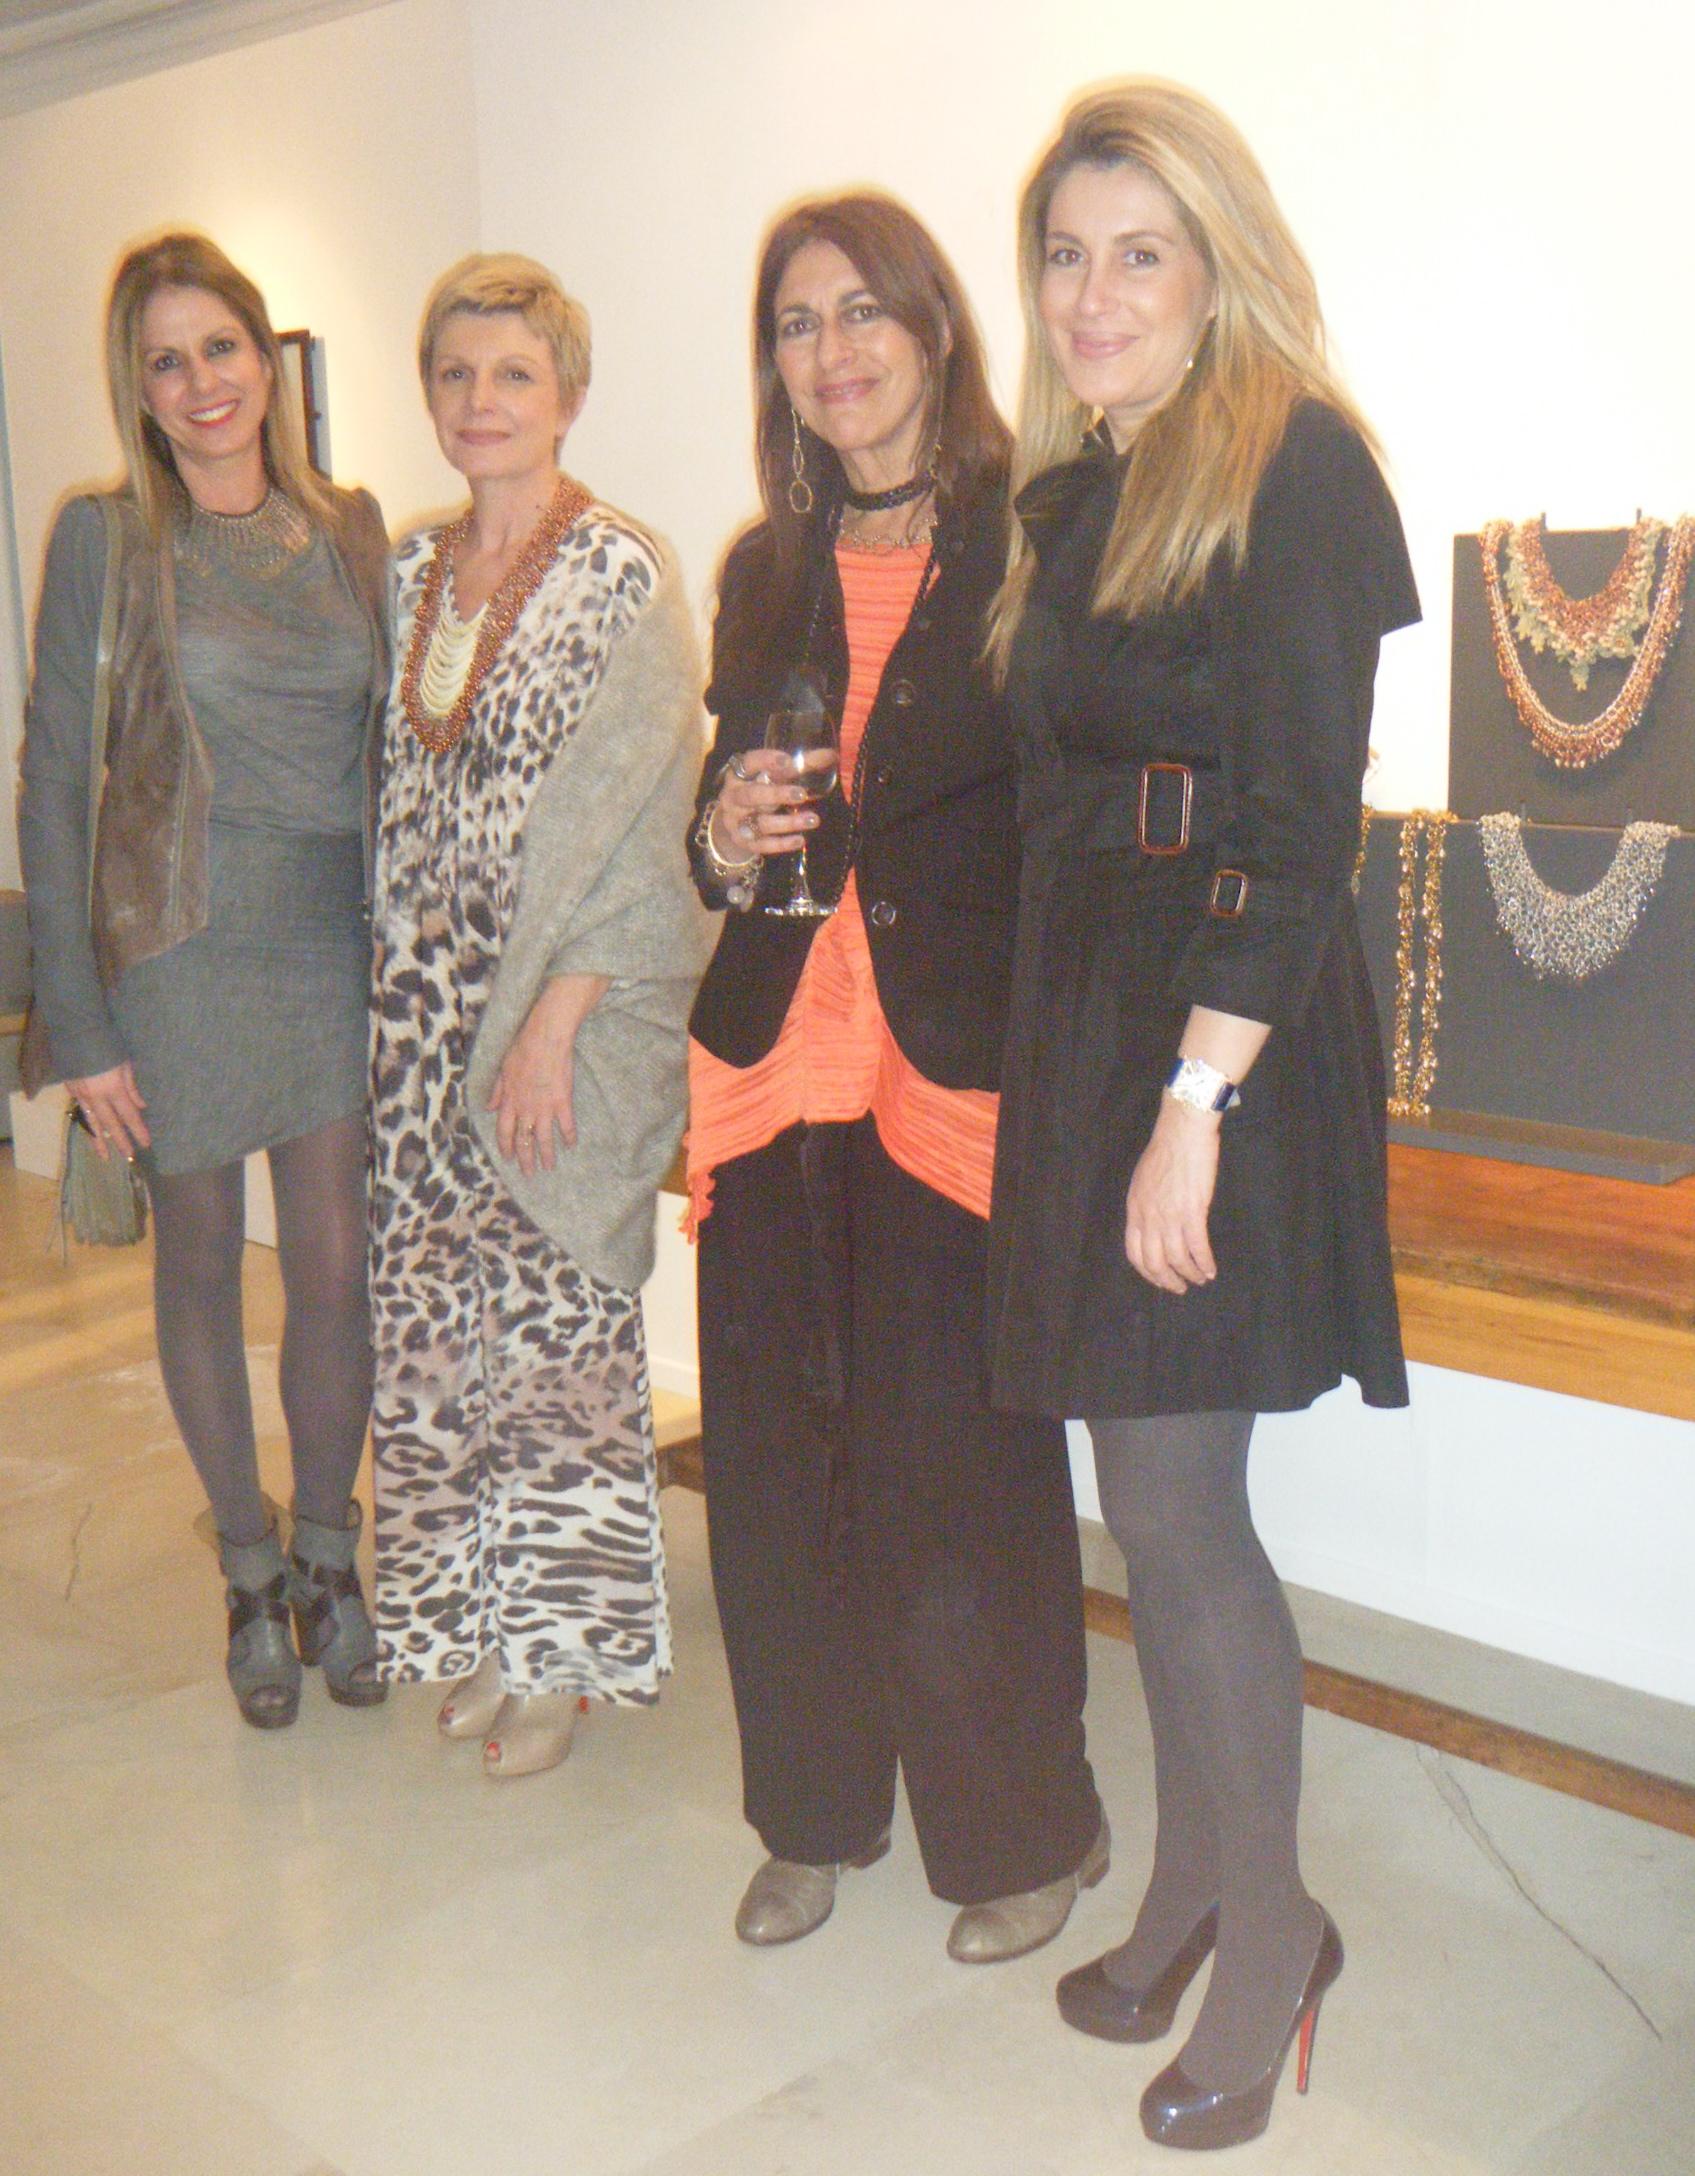 Nina Papaioannou, Maria Mastori, Maria Xanthakou and Alkistis Prinou